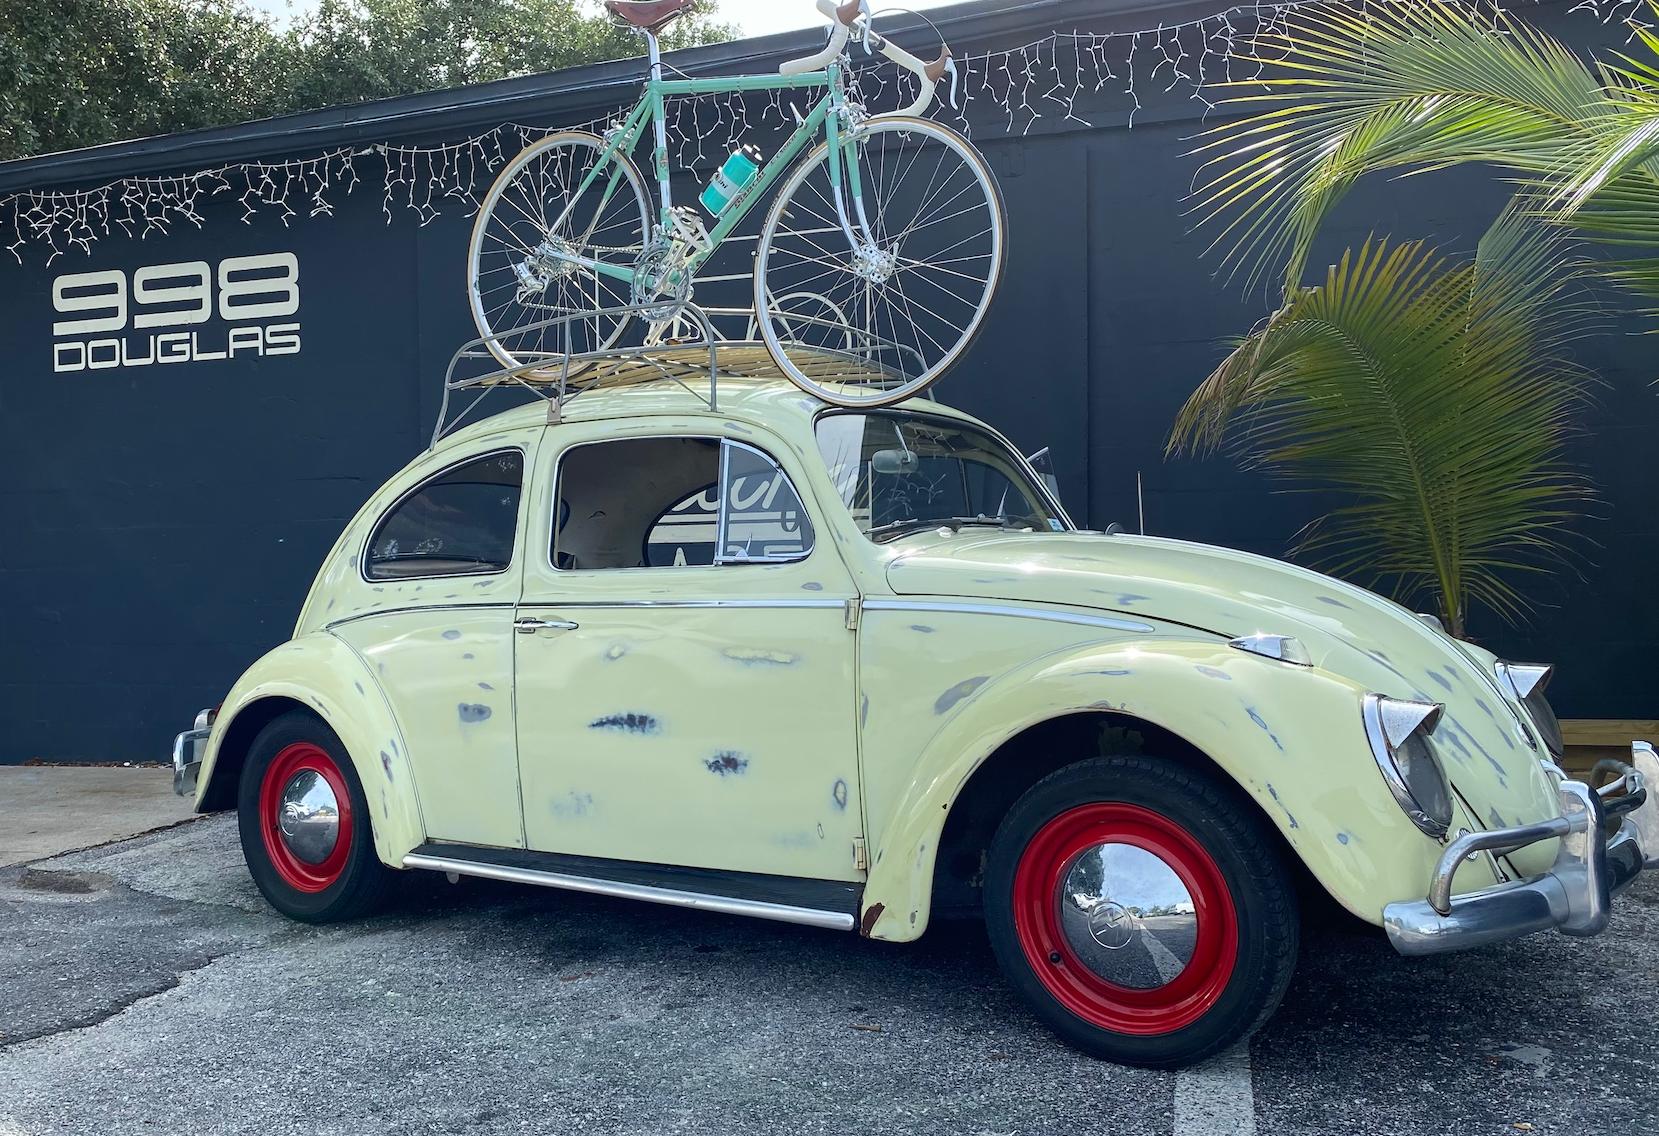 mobile bike repair service